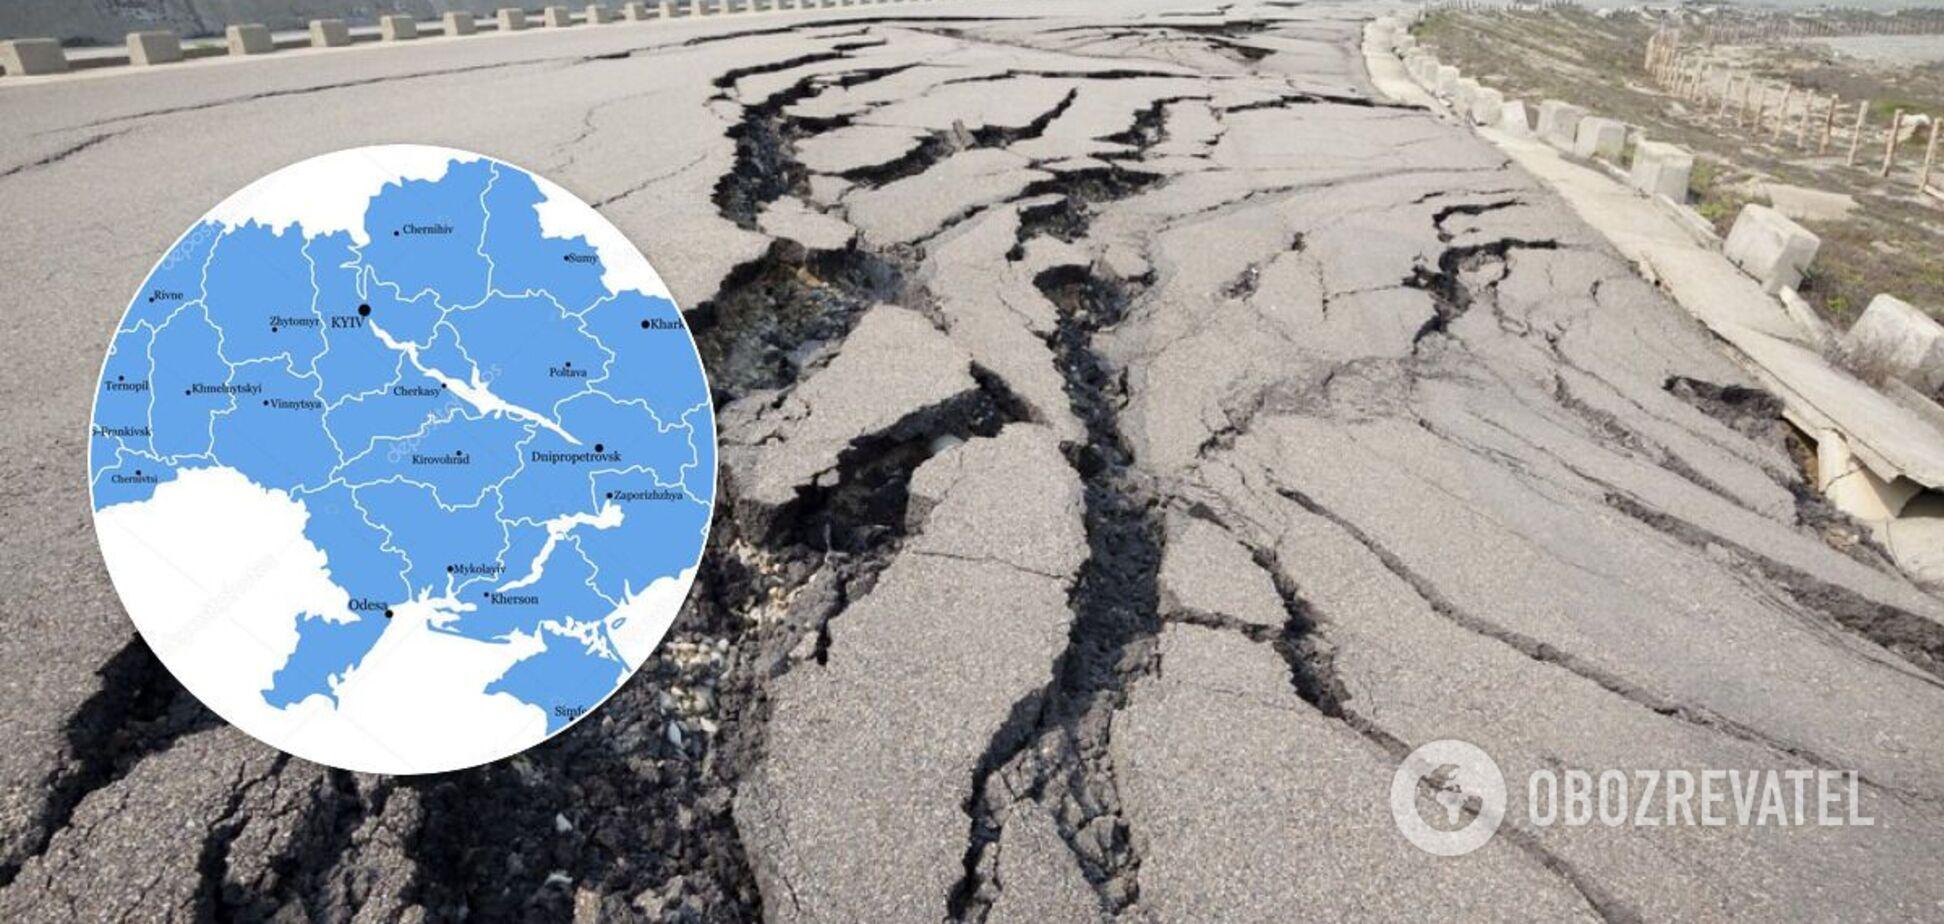 Названы места в Украине, где могут произойти землетрясения